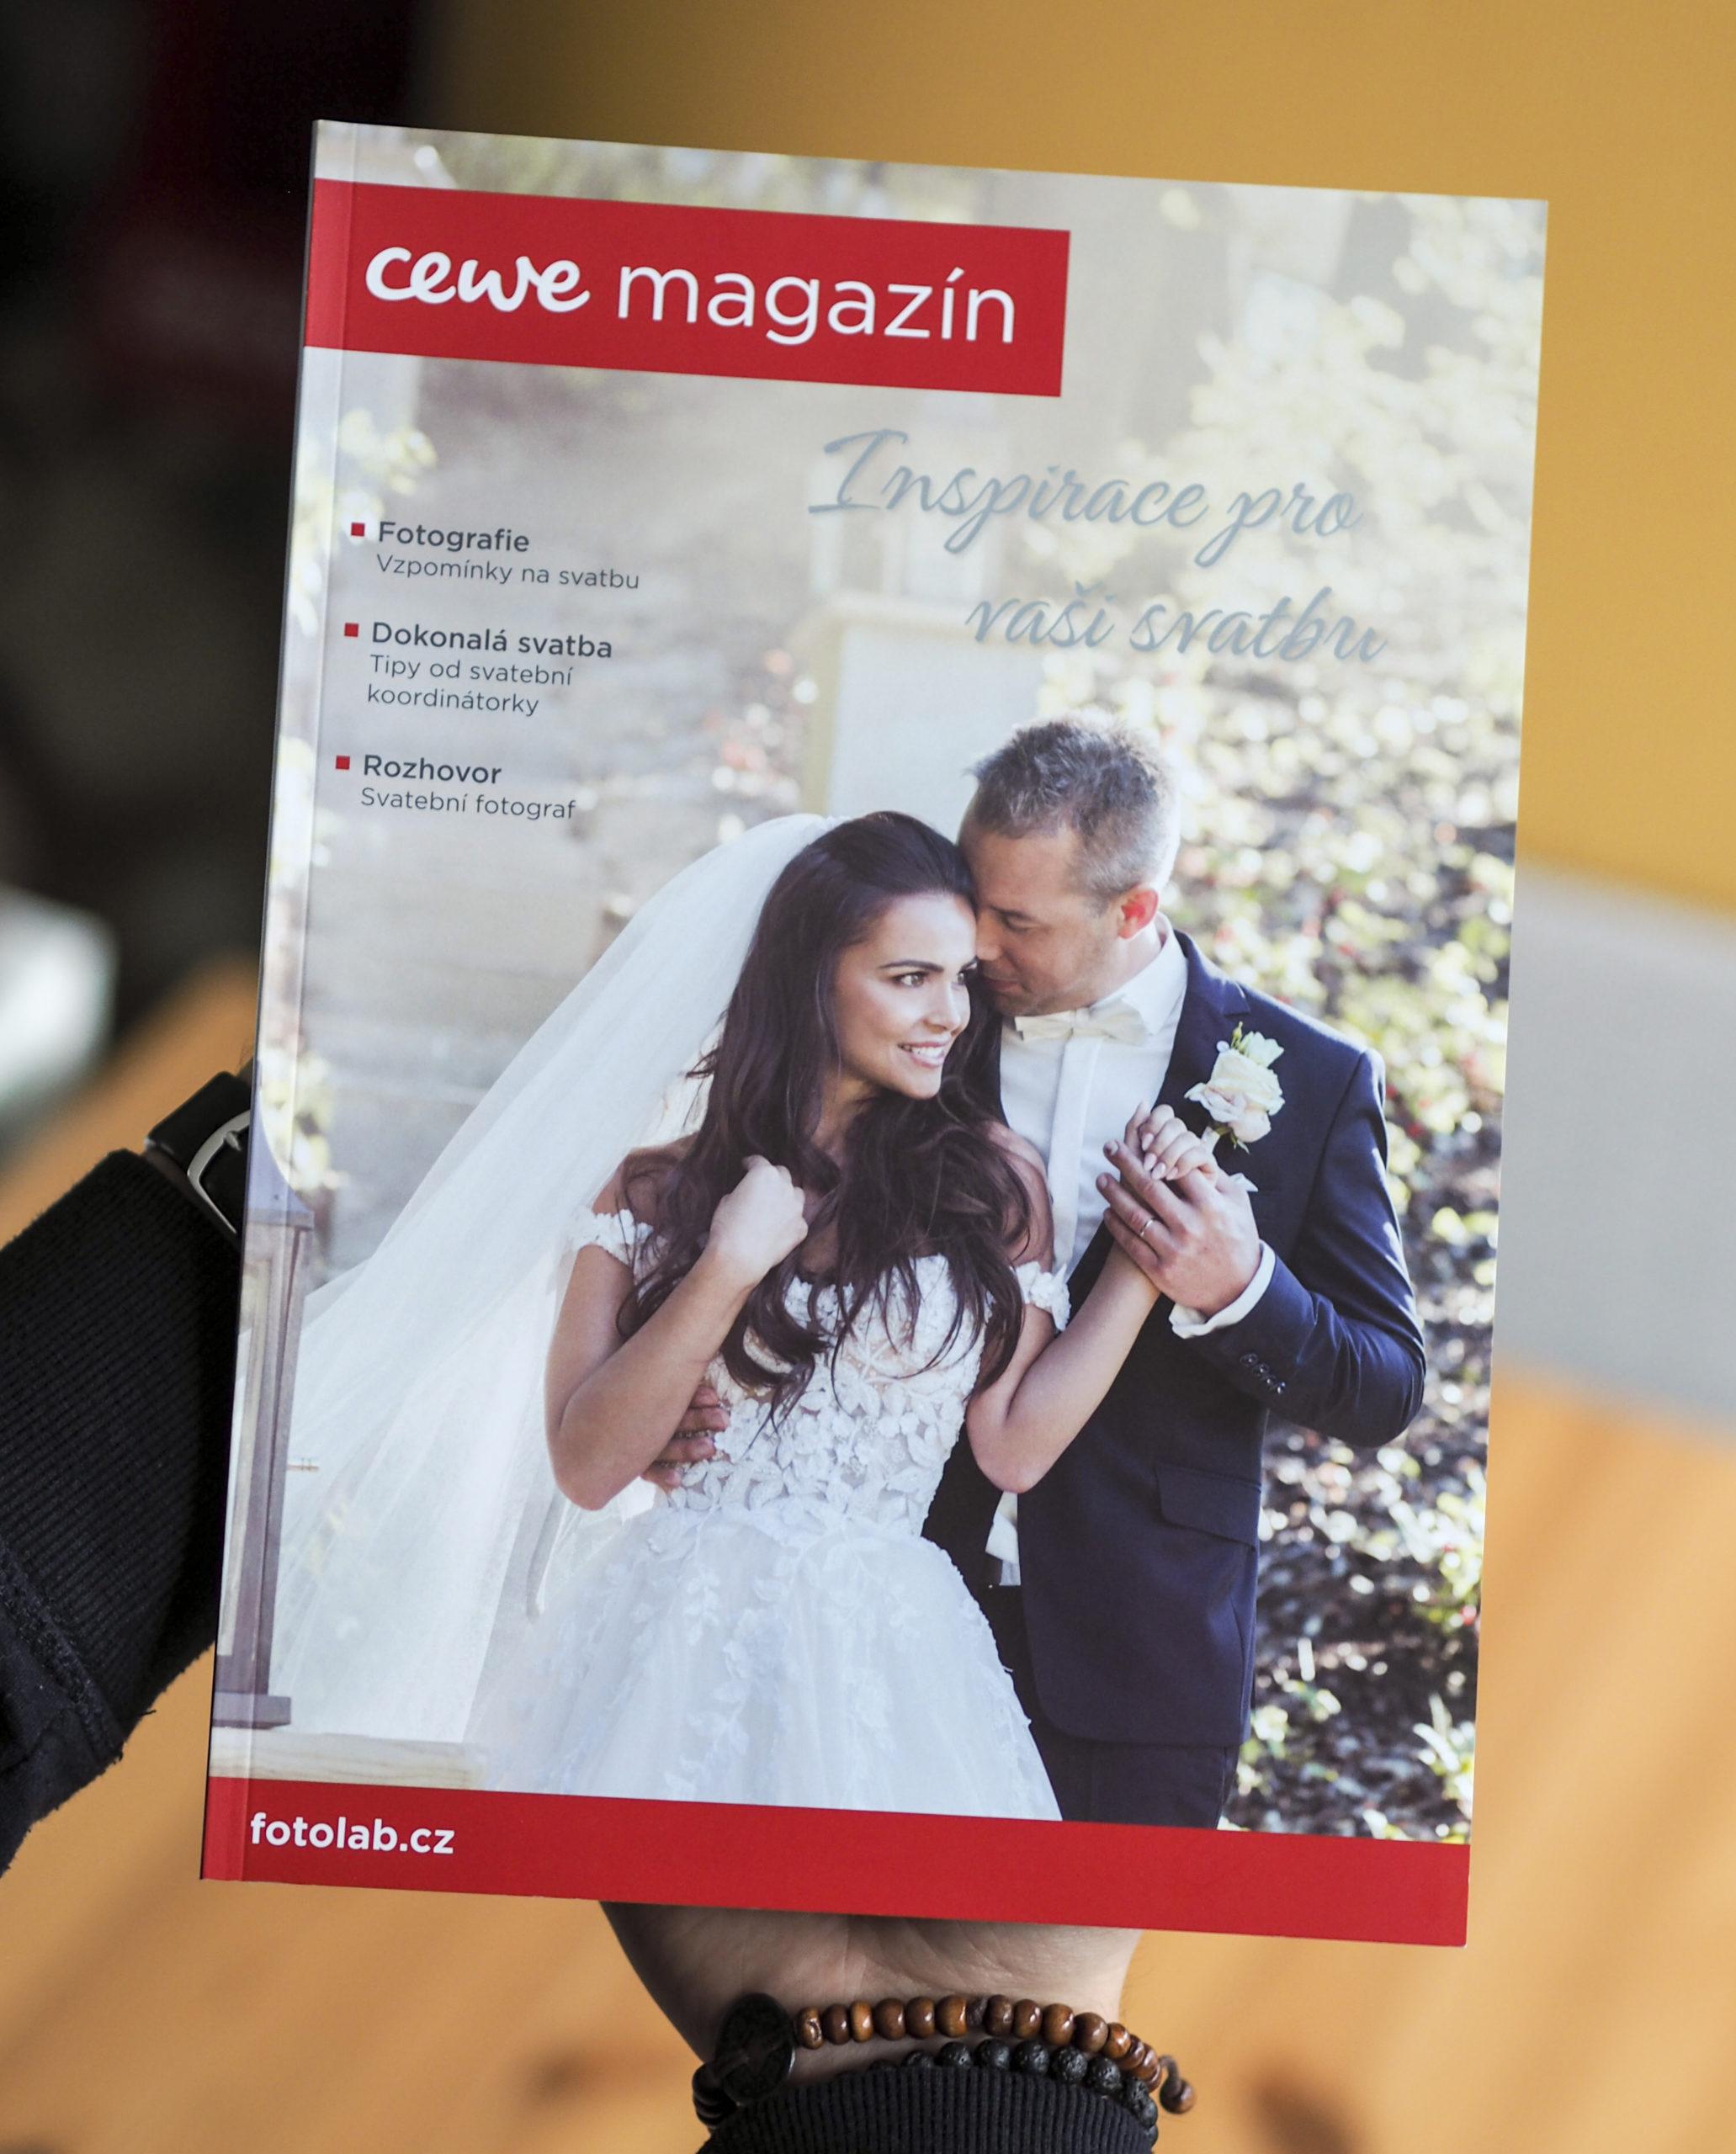 cewe svatební magazín, magazín, svatební,